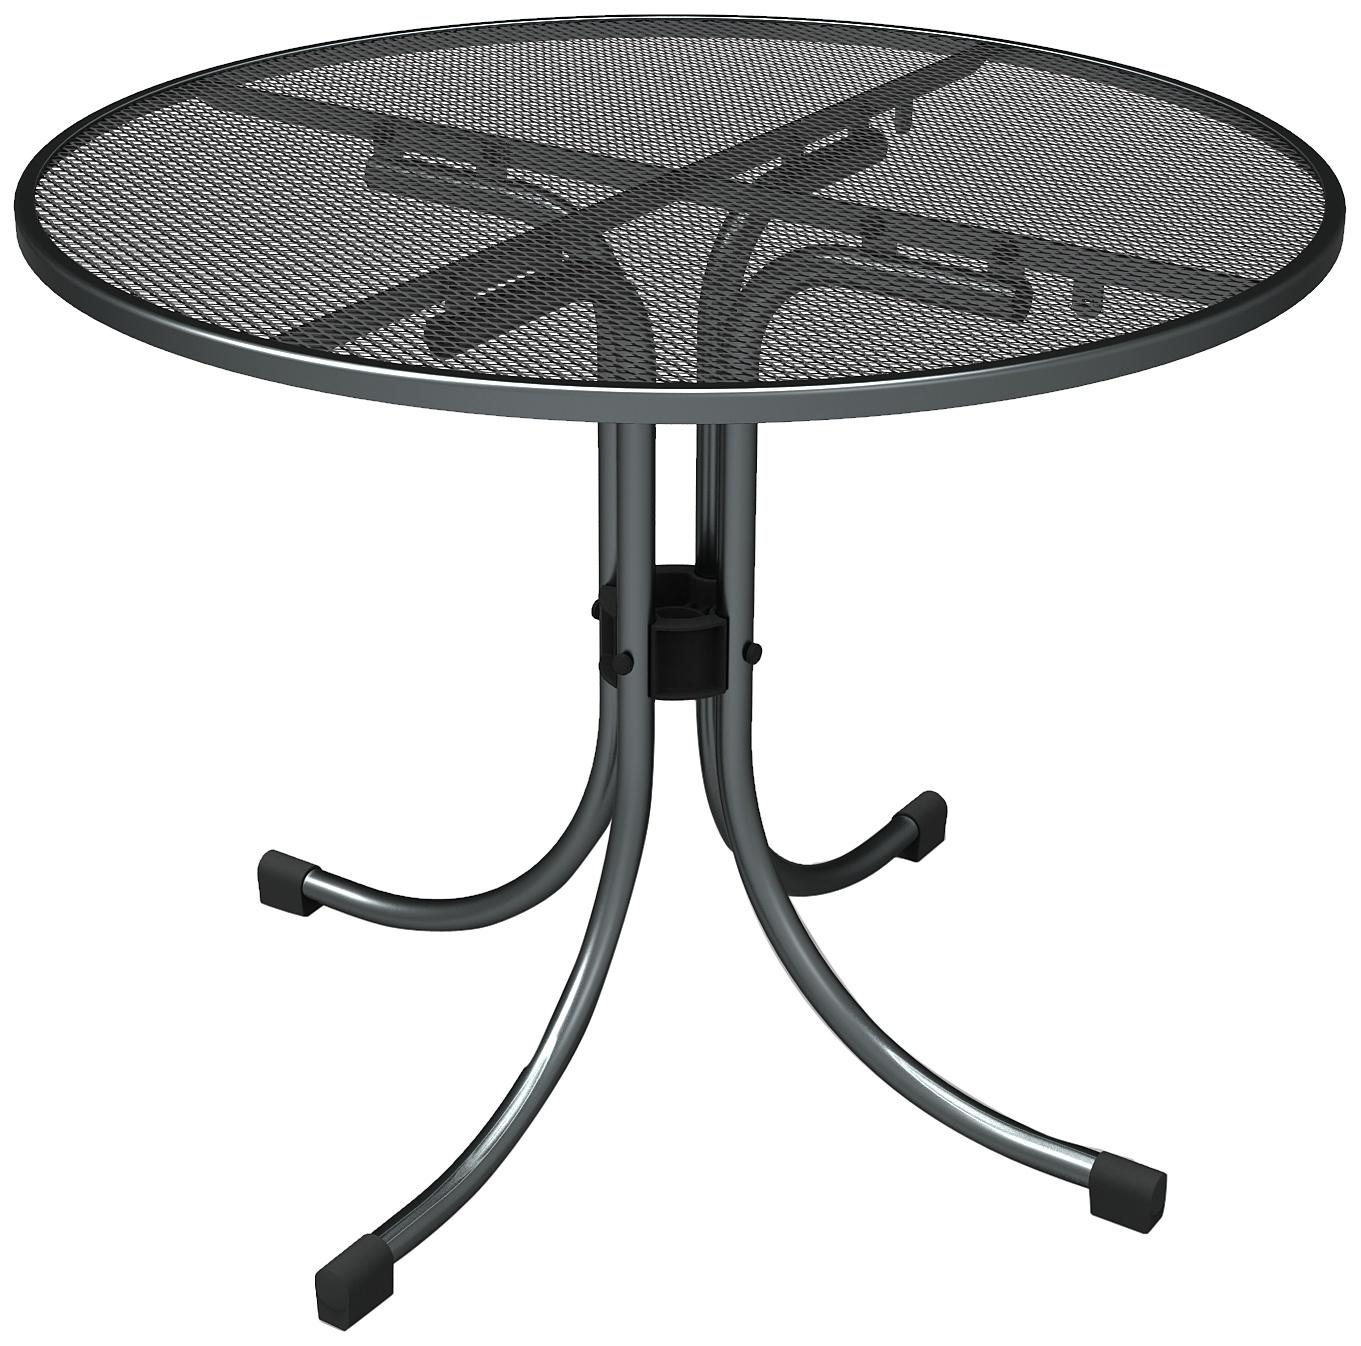 MWH Das Original 879508 runder Tisch online kaufen